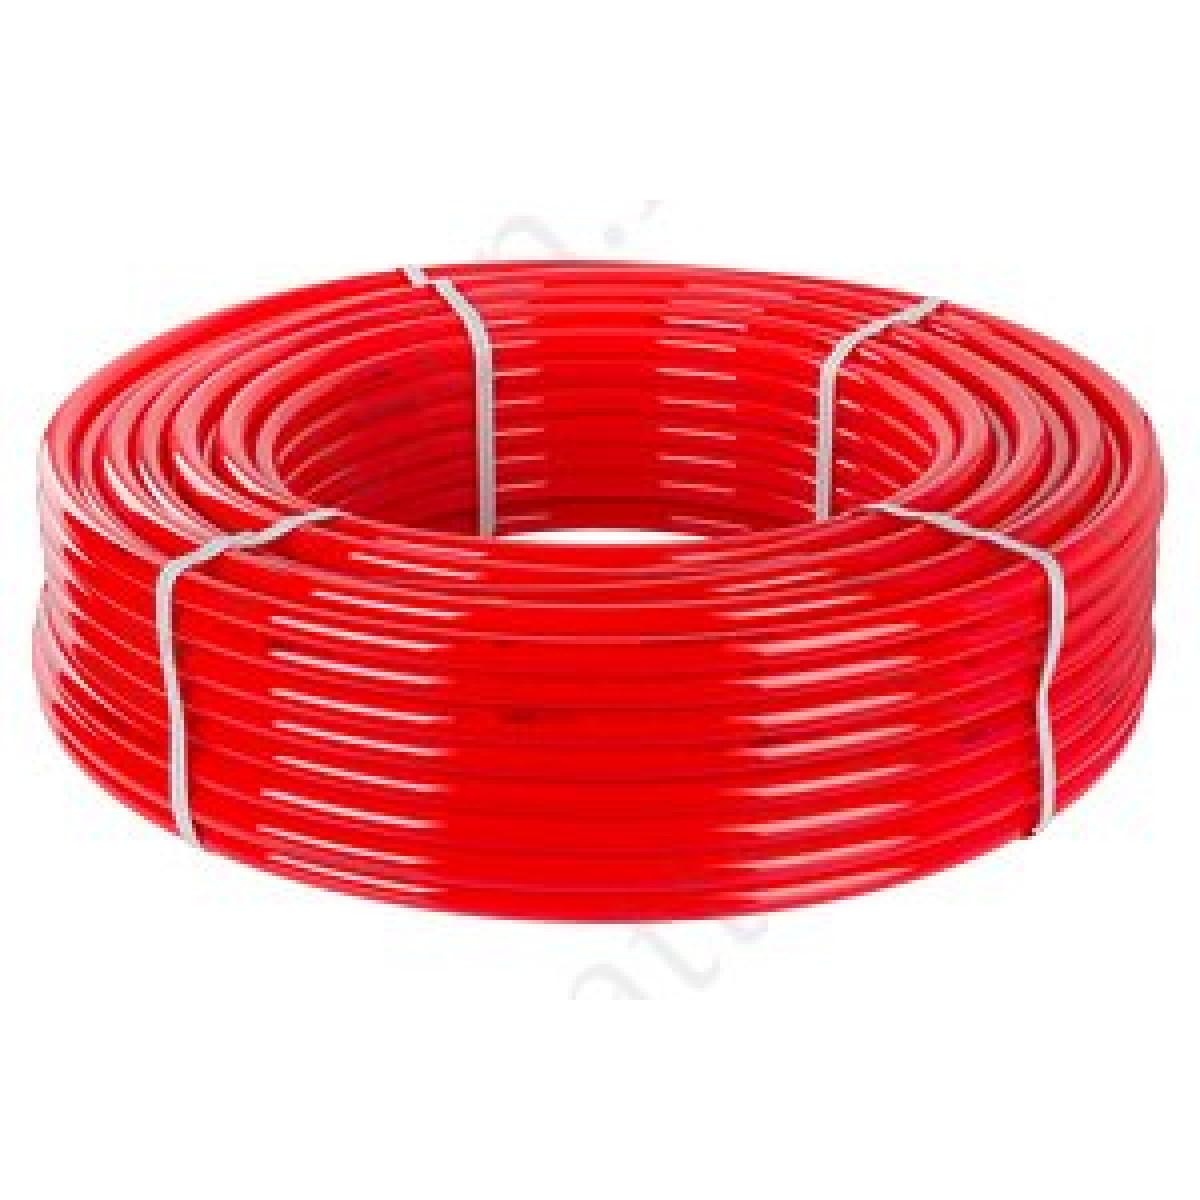 Сшитый полиэтилен трубы диаметр 16 мм